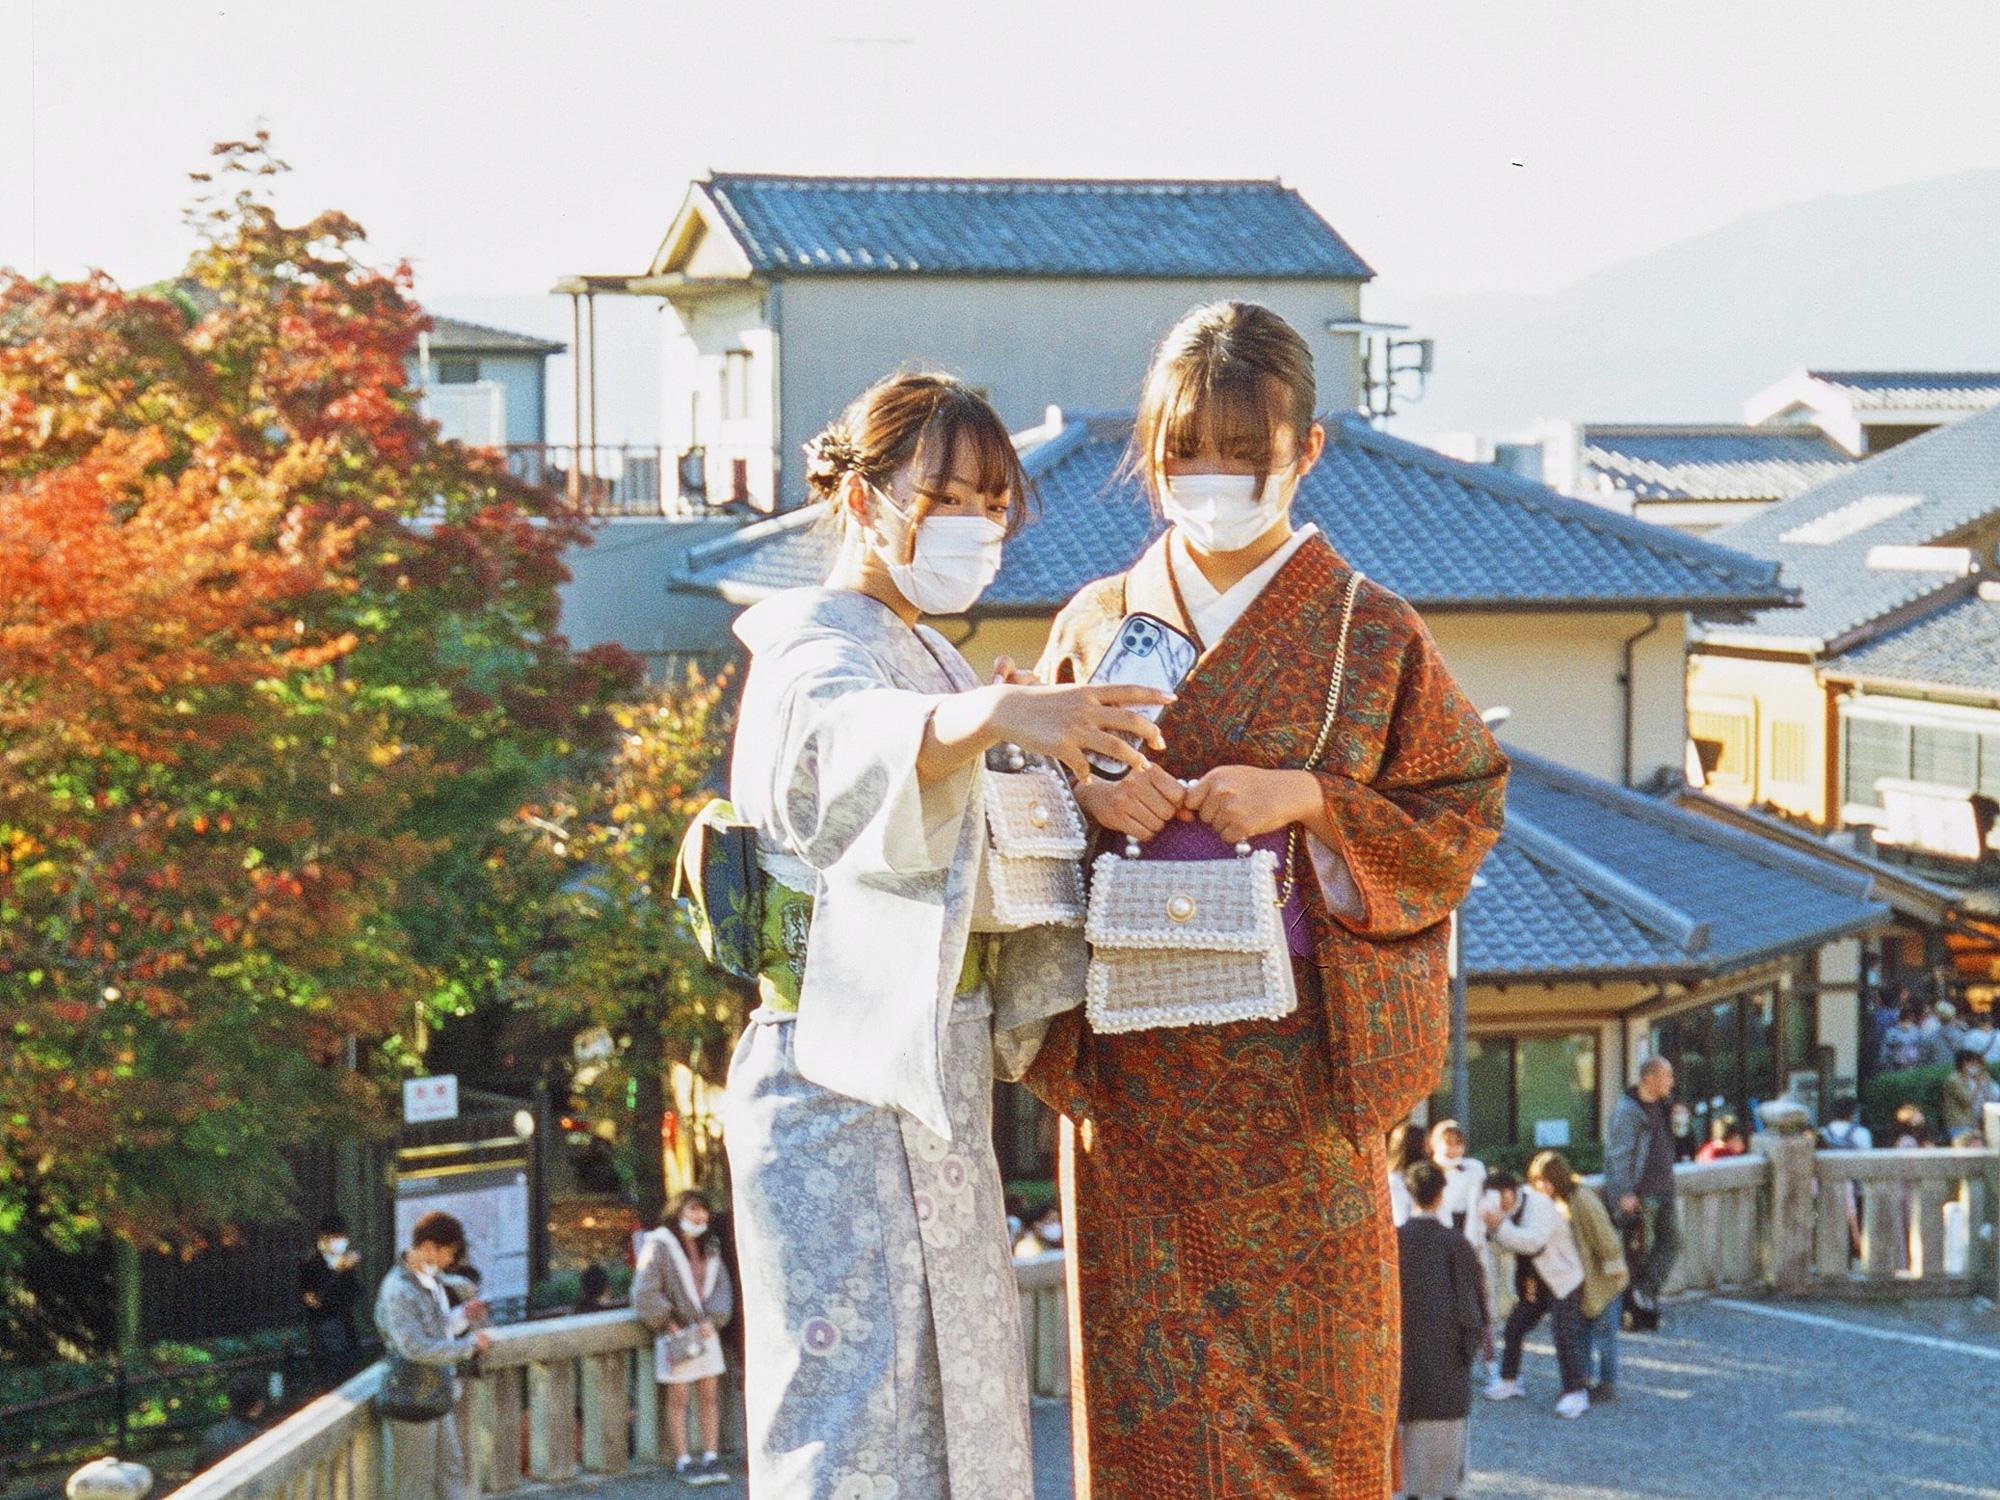 জাপানে প্রতি দুই স্মার্টফোনের একটি আইফোন